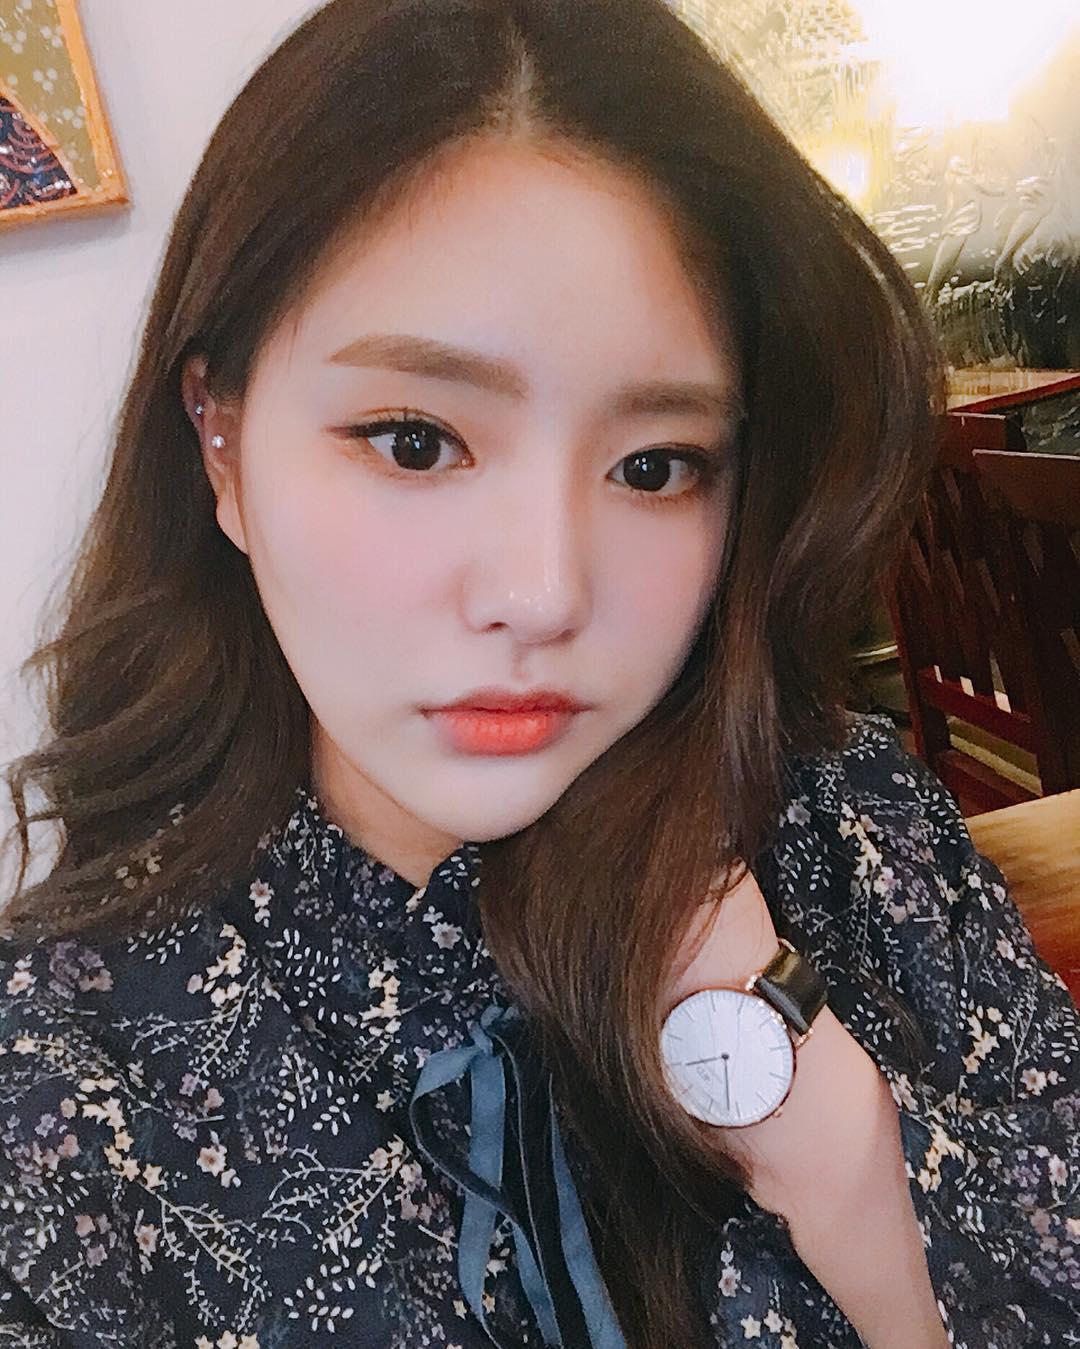 Makeup với màu đào - Xu hướng làm đẹp hot số 1 đang khiến con gái Hàn mê tít - Ảnh 2.